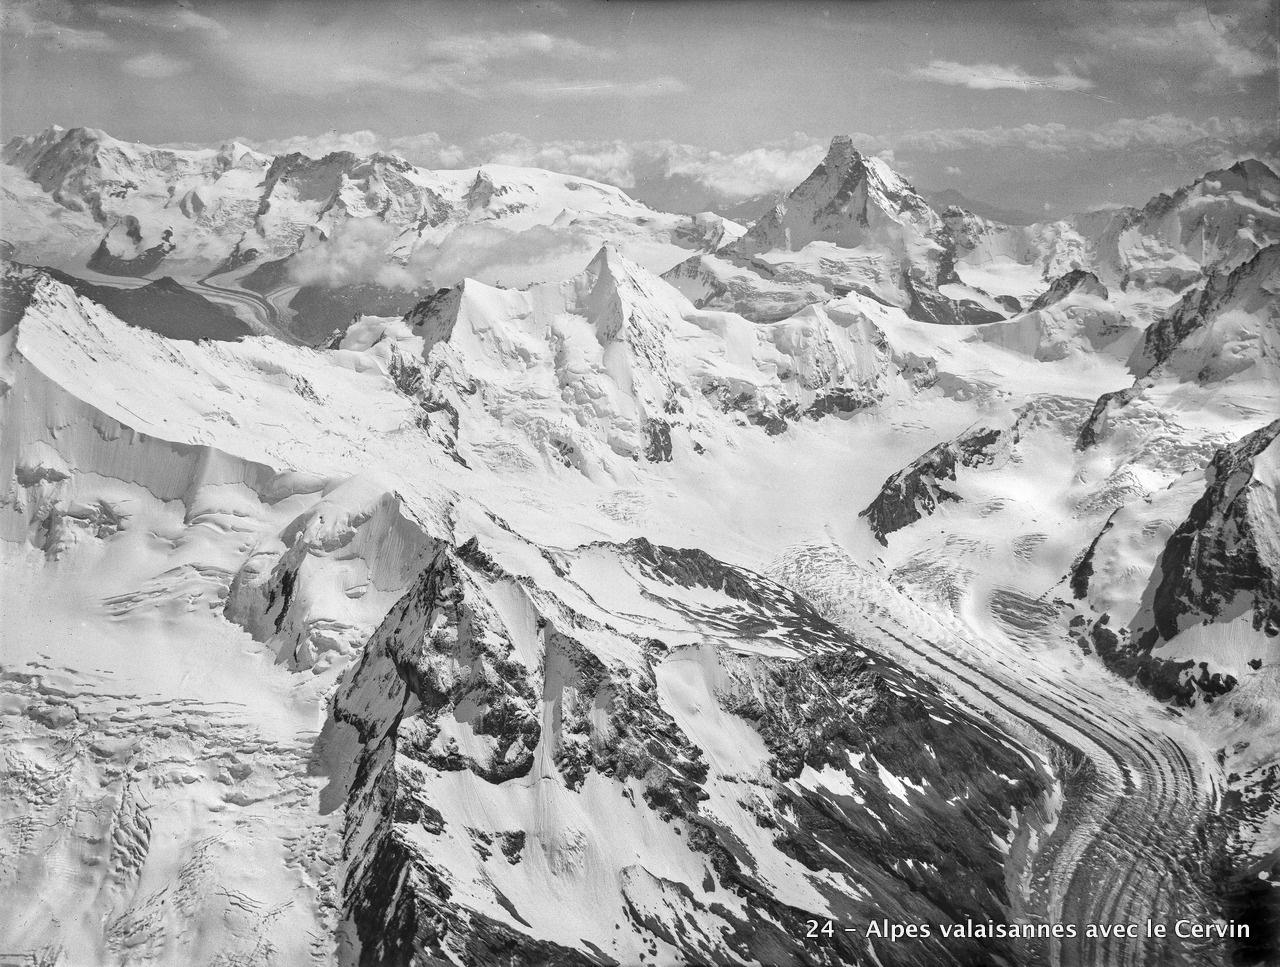 CH-NB_-_Walliser_Alpen_mit_Matterhorn_-_Eduard_Spelterini_-_EAD-WEHR-32054-B.tif